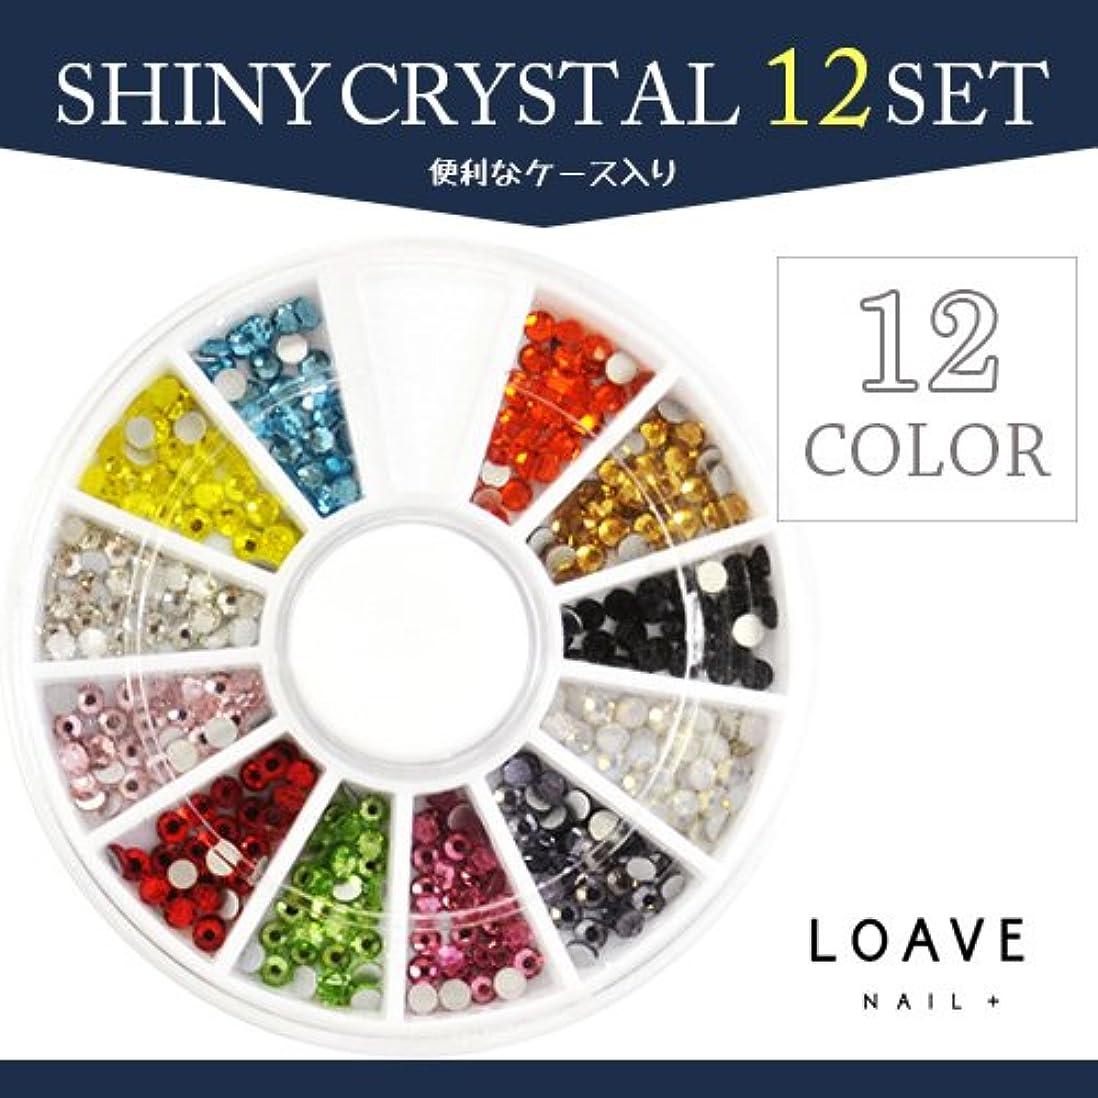 冗談で待つ一元化するシャイニークリスタル ガラスラインストーン12色セット ss8 ネイルストーン